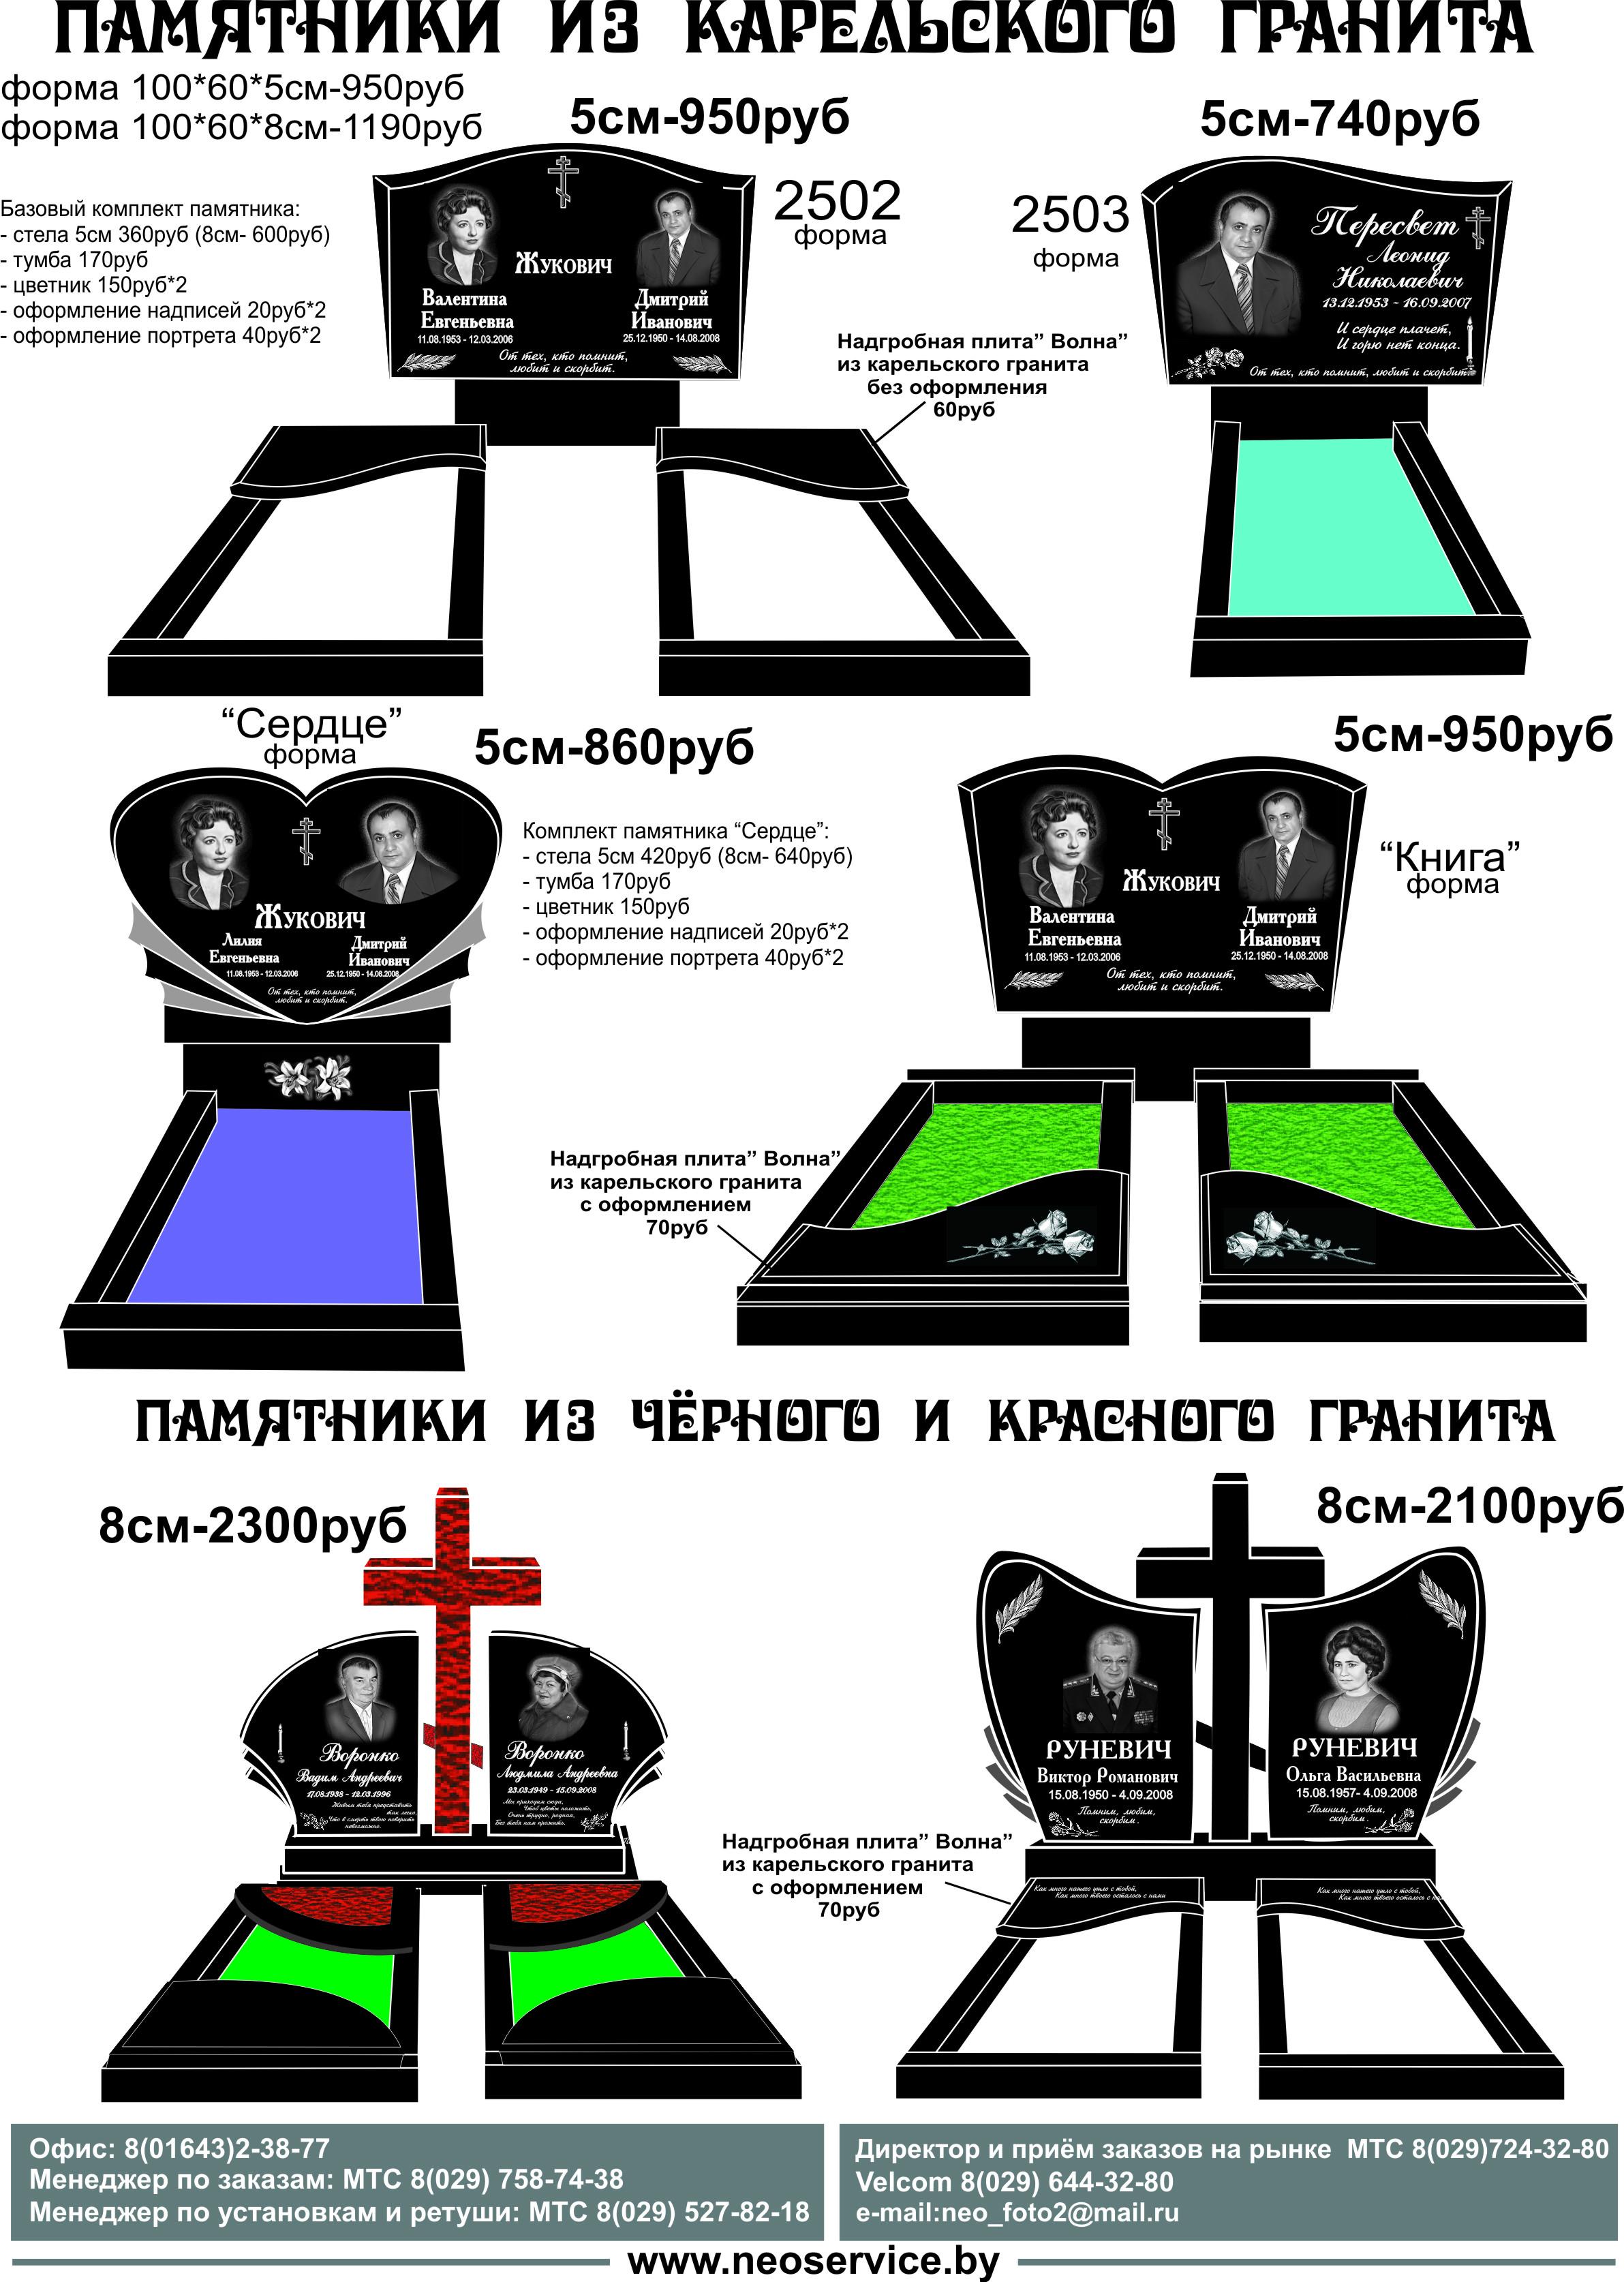 Памятники Карелия стр.2